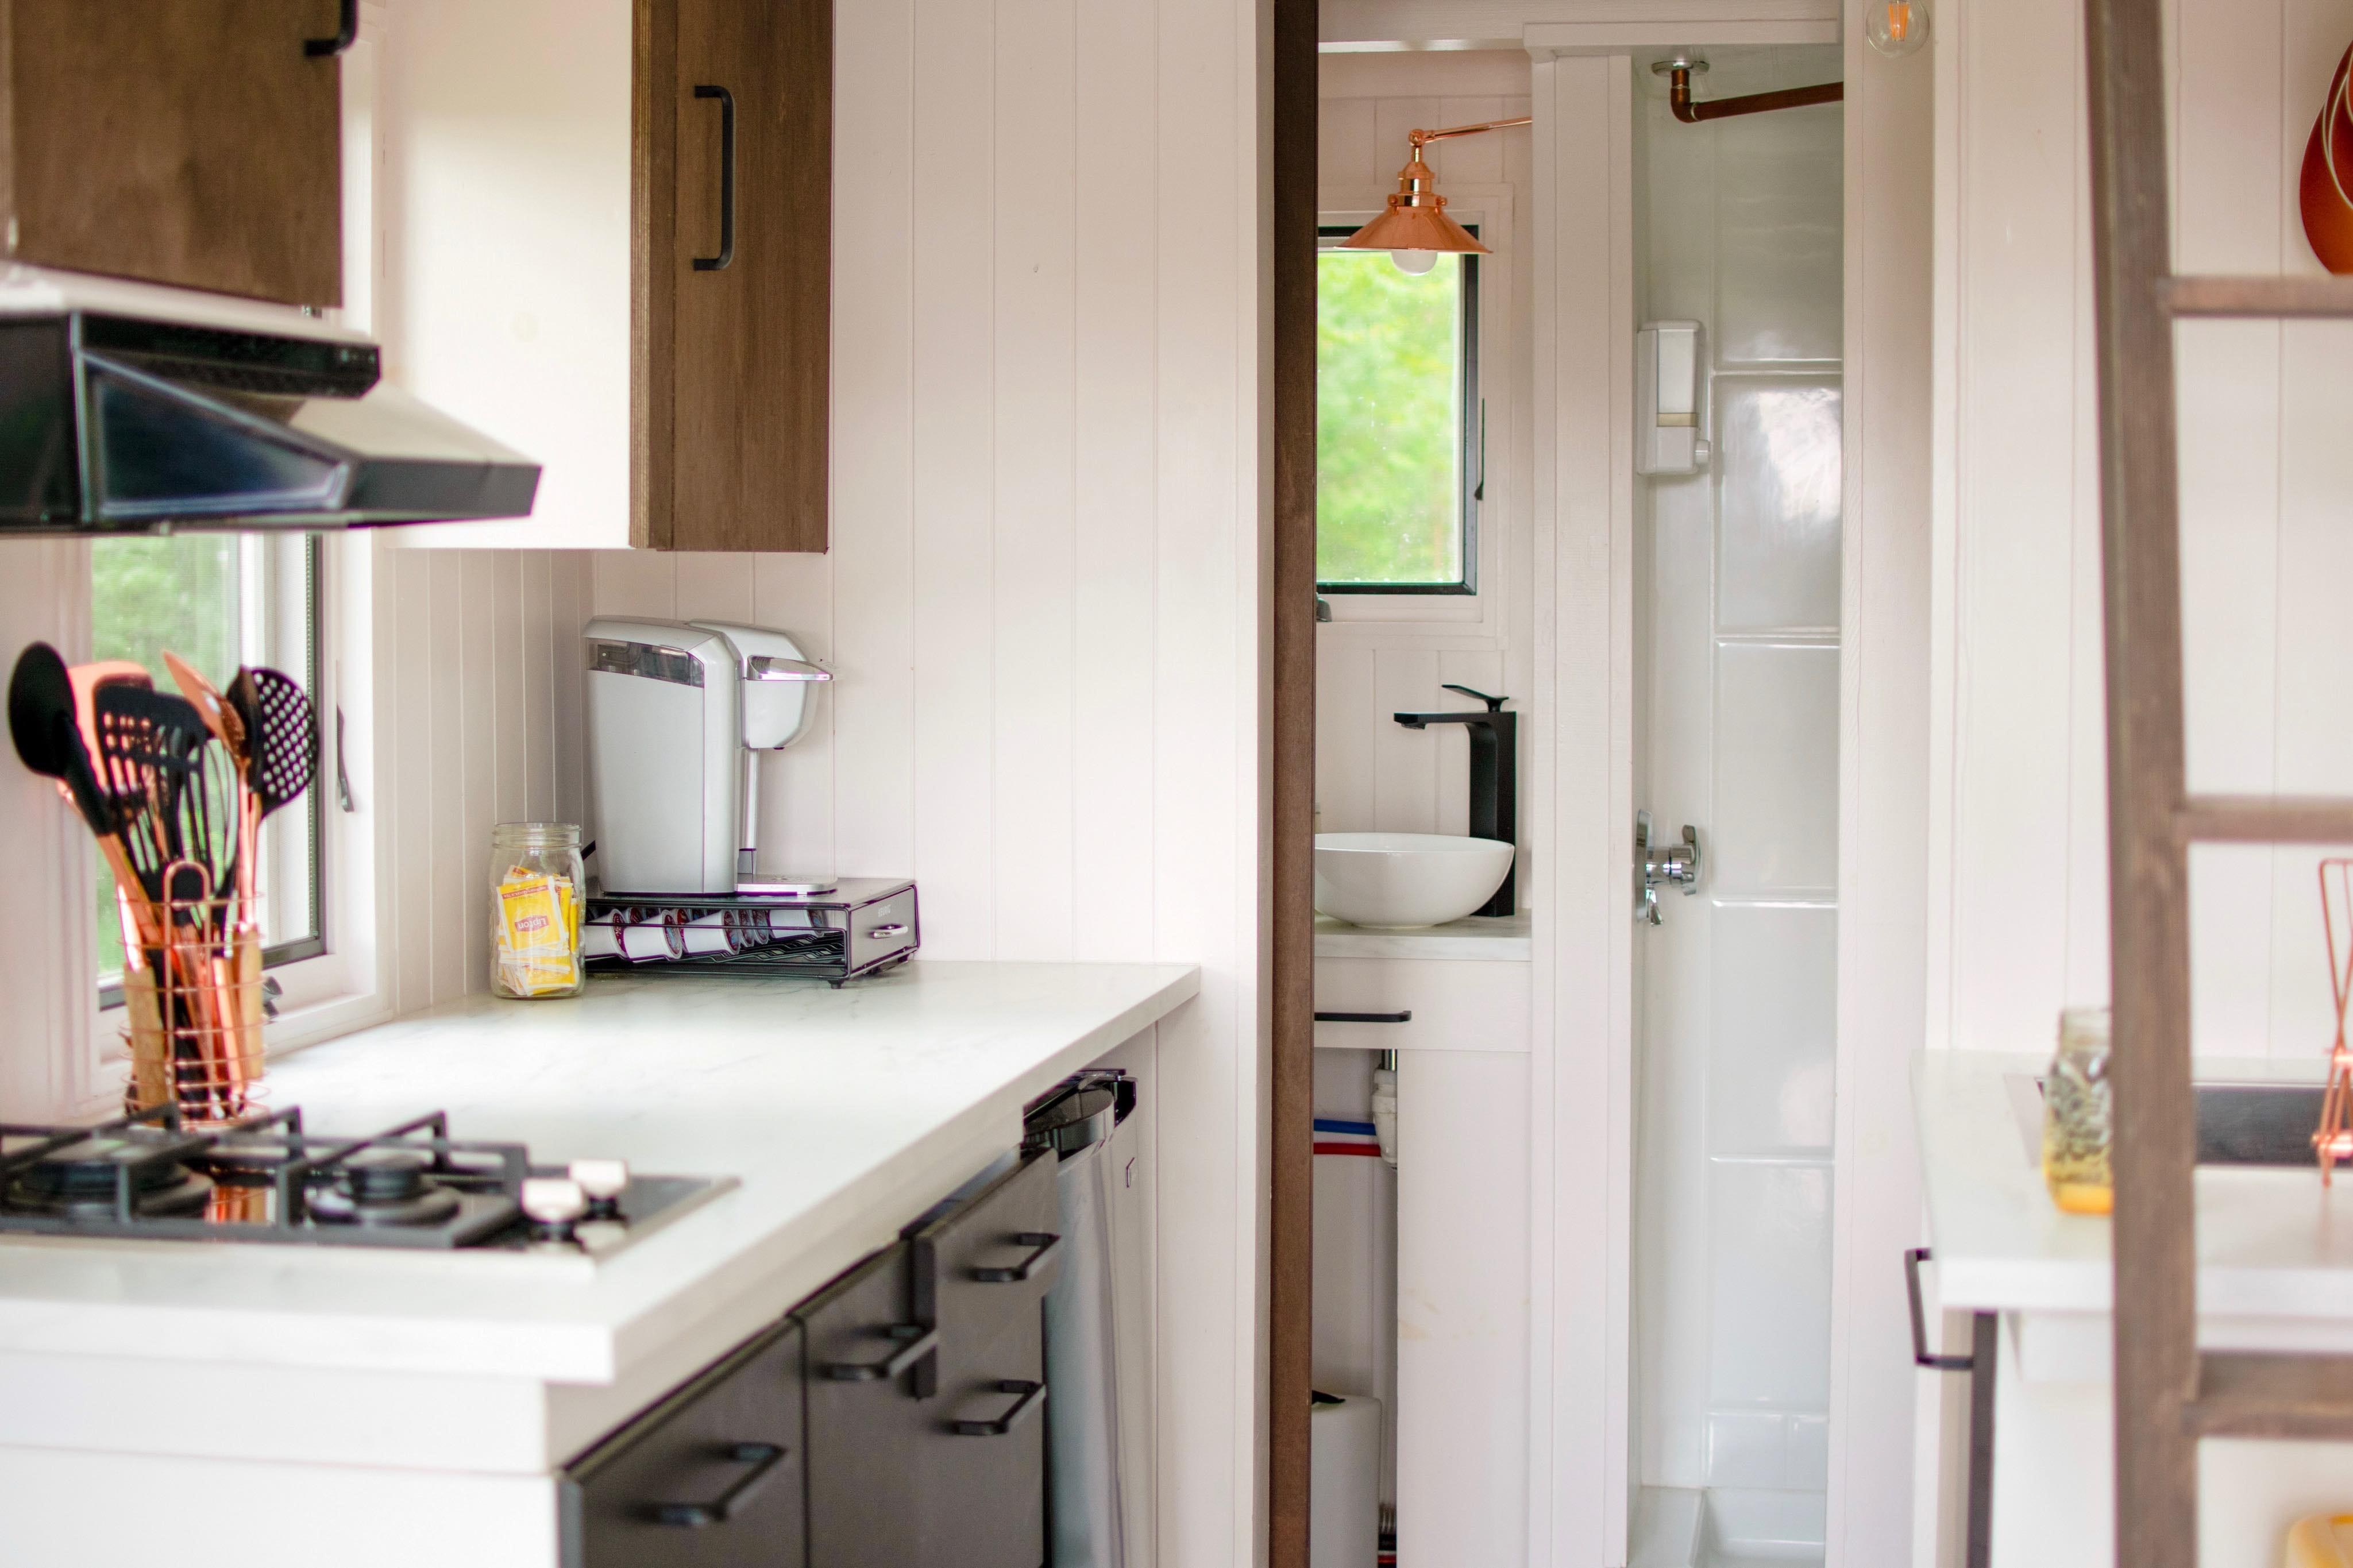 5 Contoh Dapur Minimalis Sederhana yang Mudah Ditiru di Rumah